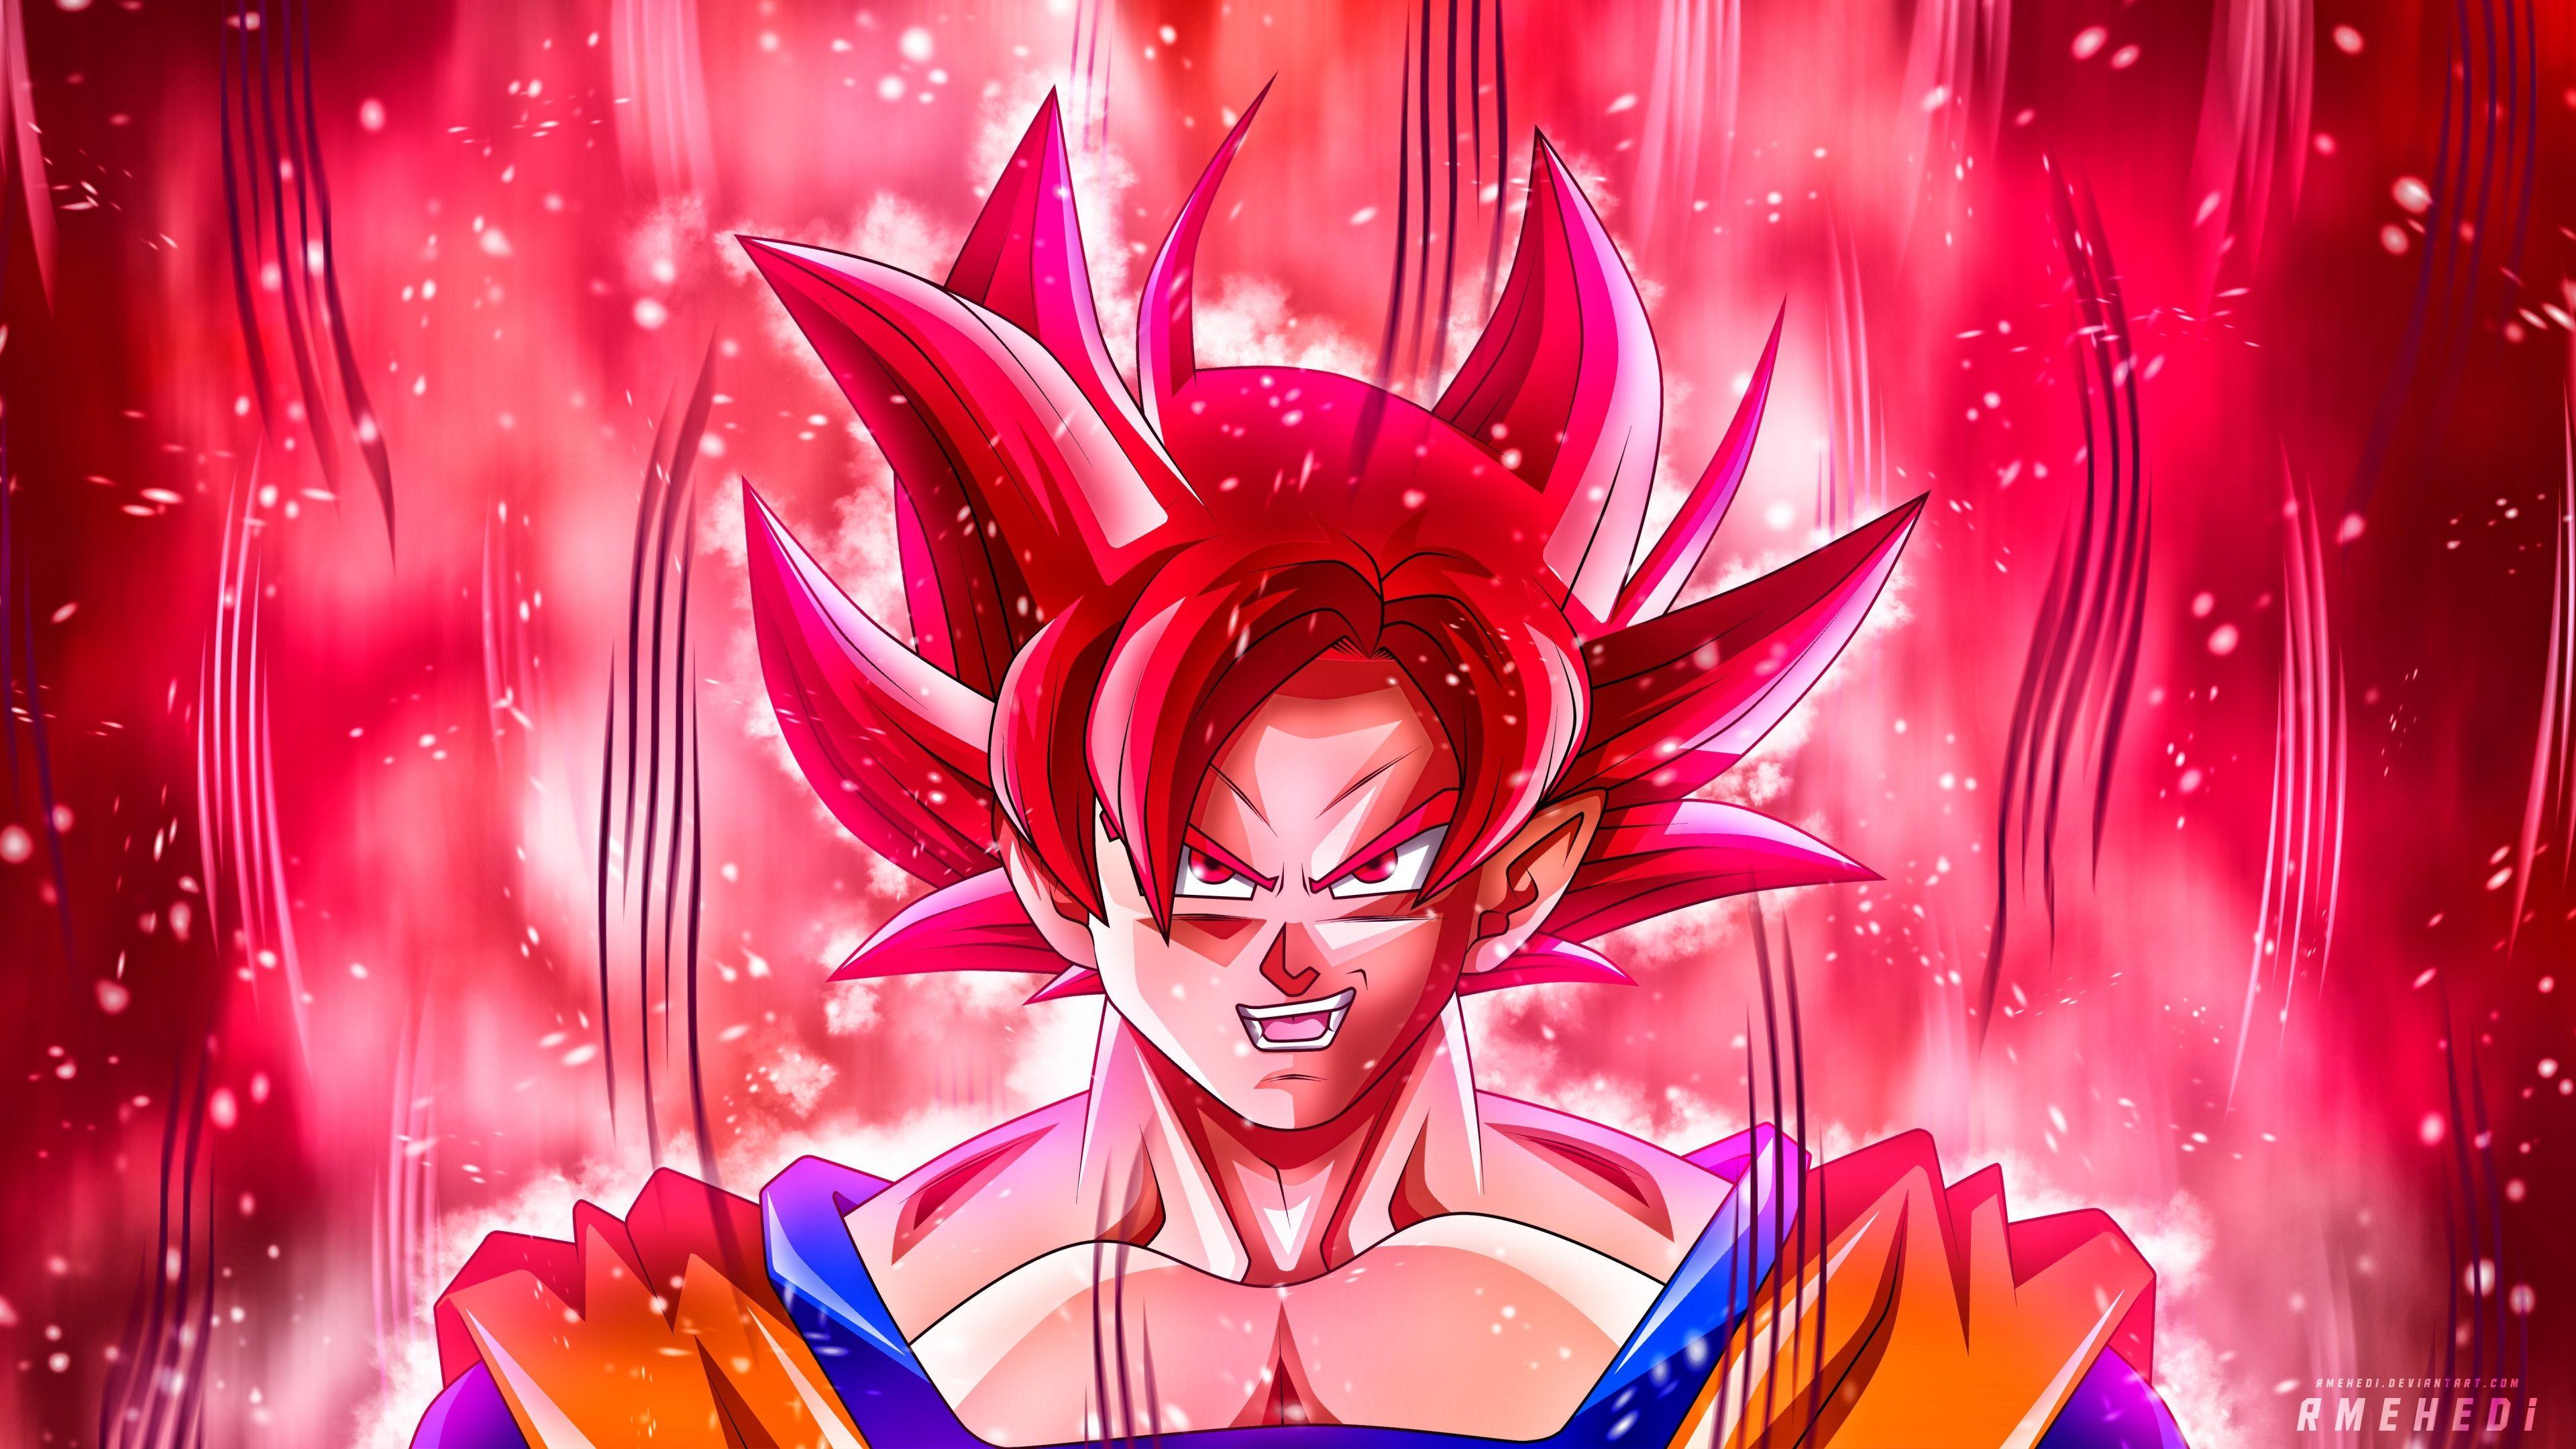 3840x2160 Goku 4k Wallpapers 1080p High Quality Goku Wallpaper Dragon Ball Wallpapers Anime Wallpaper